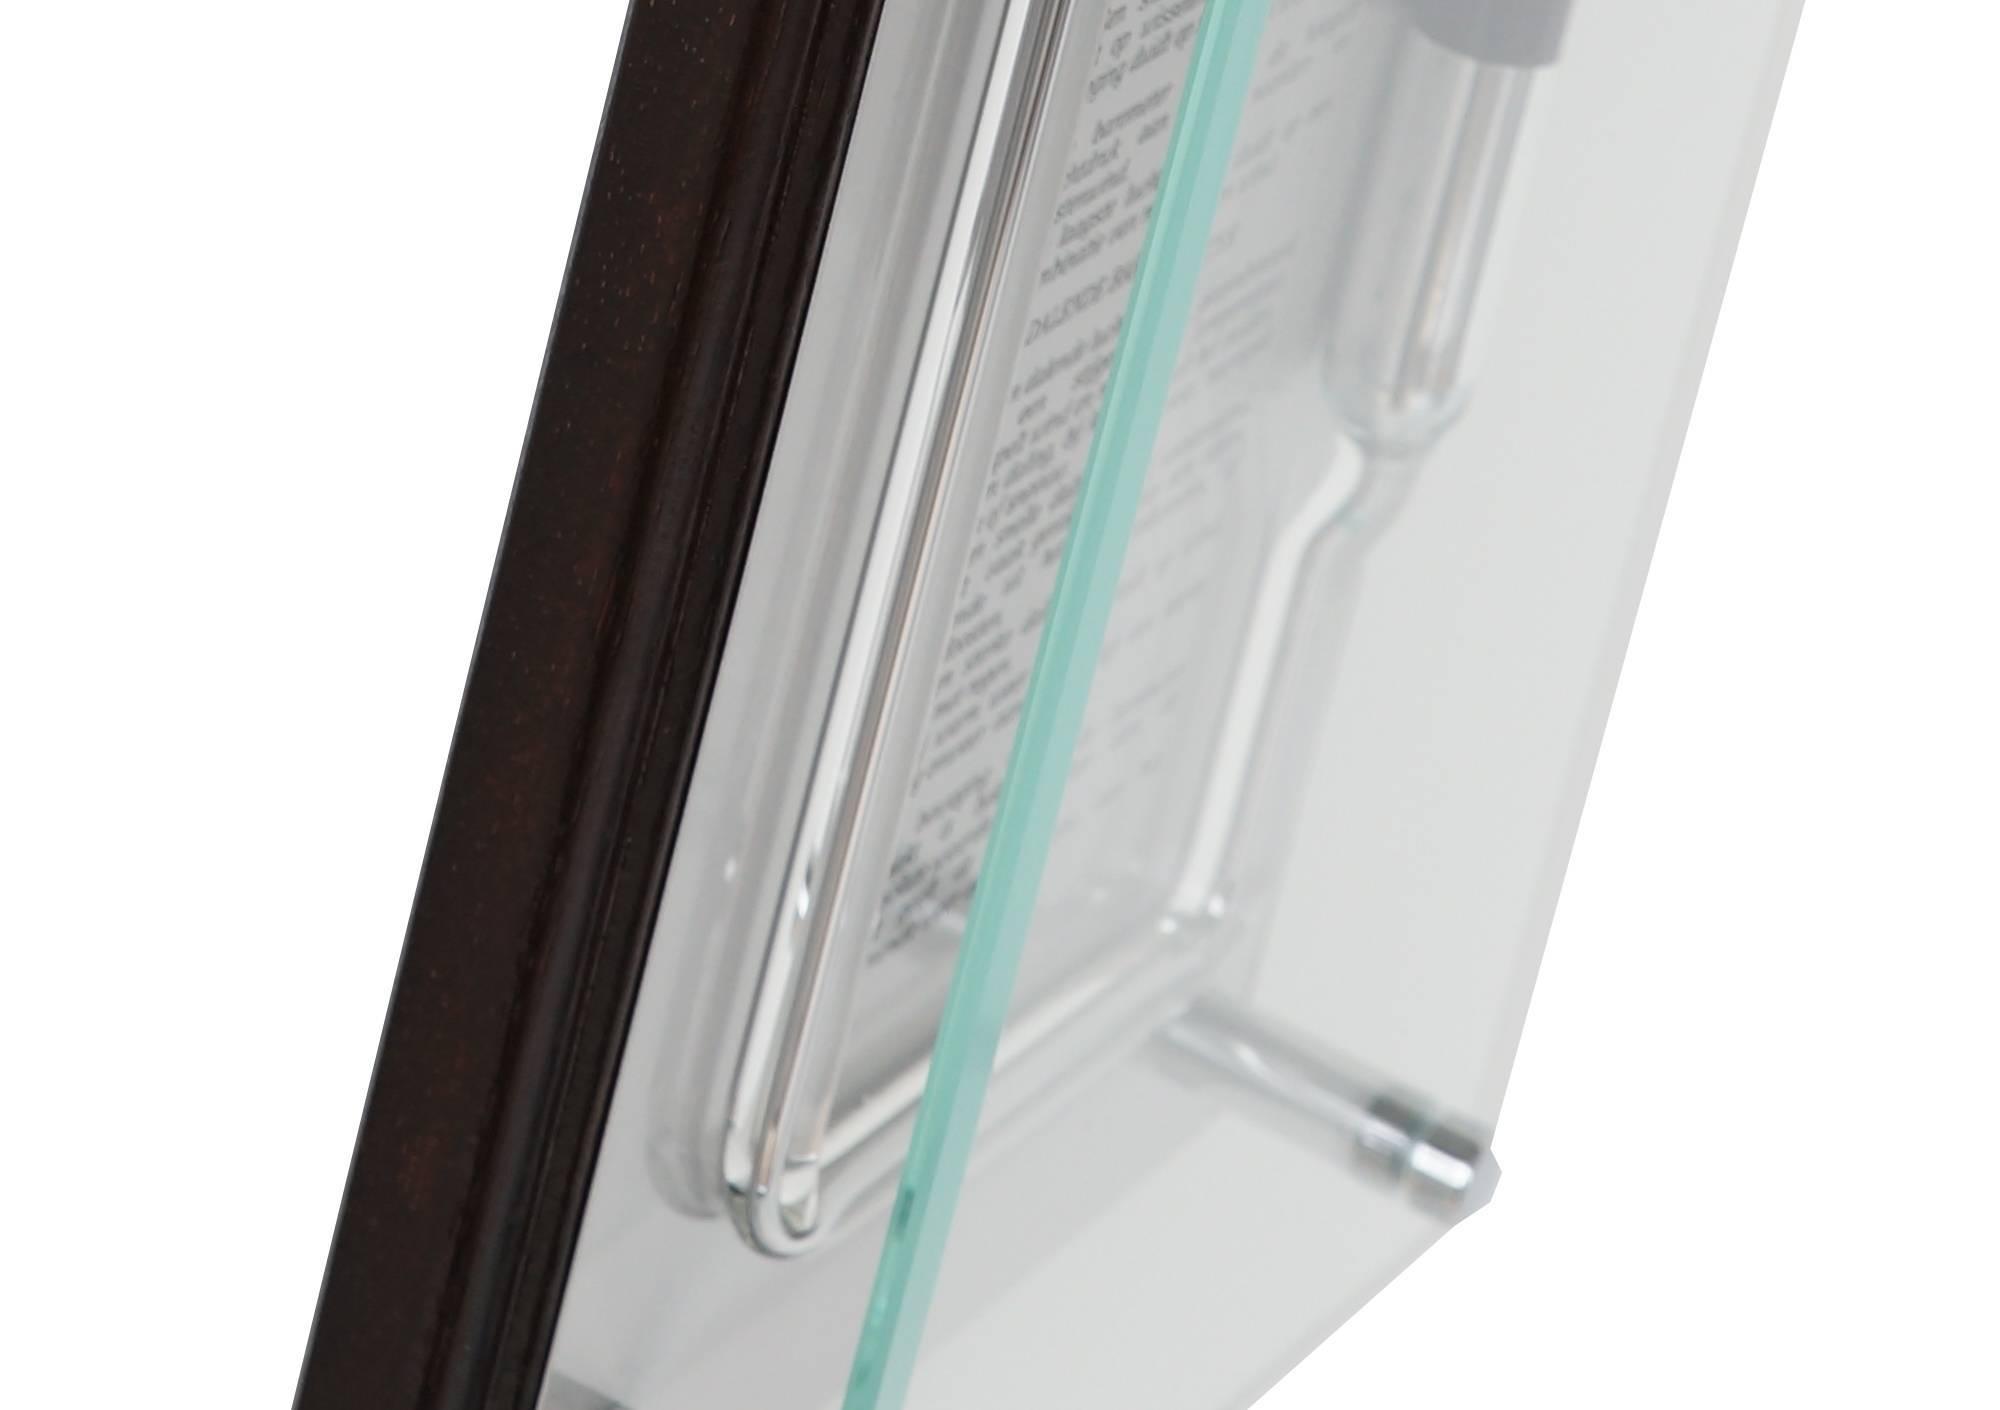 detailfoto van de onderkant van huygens glazen barometer.